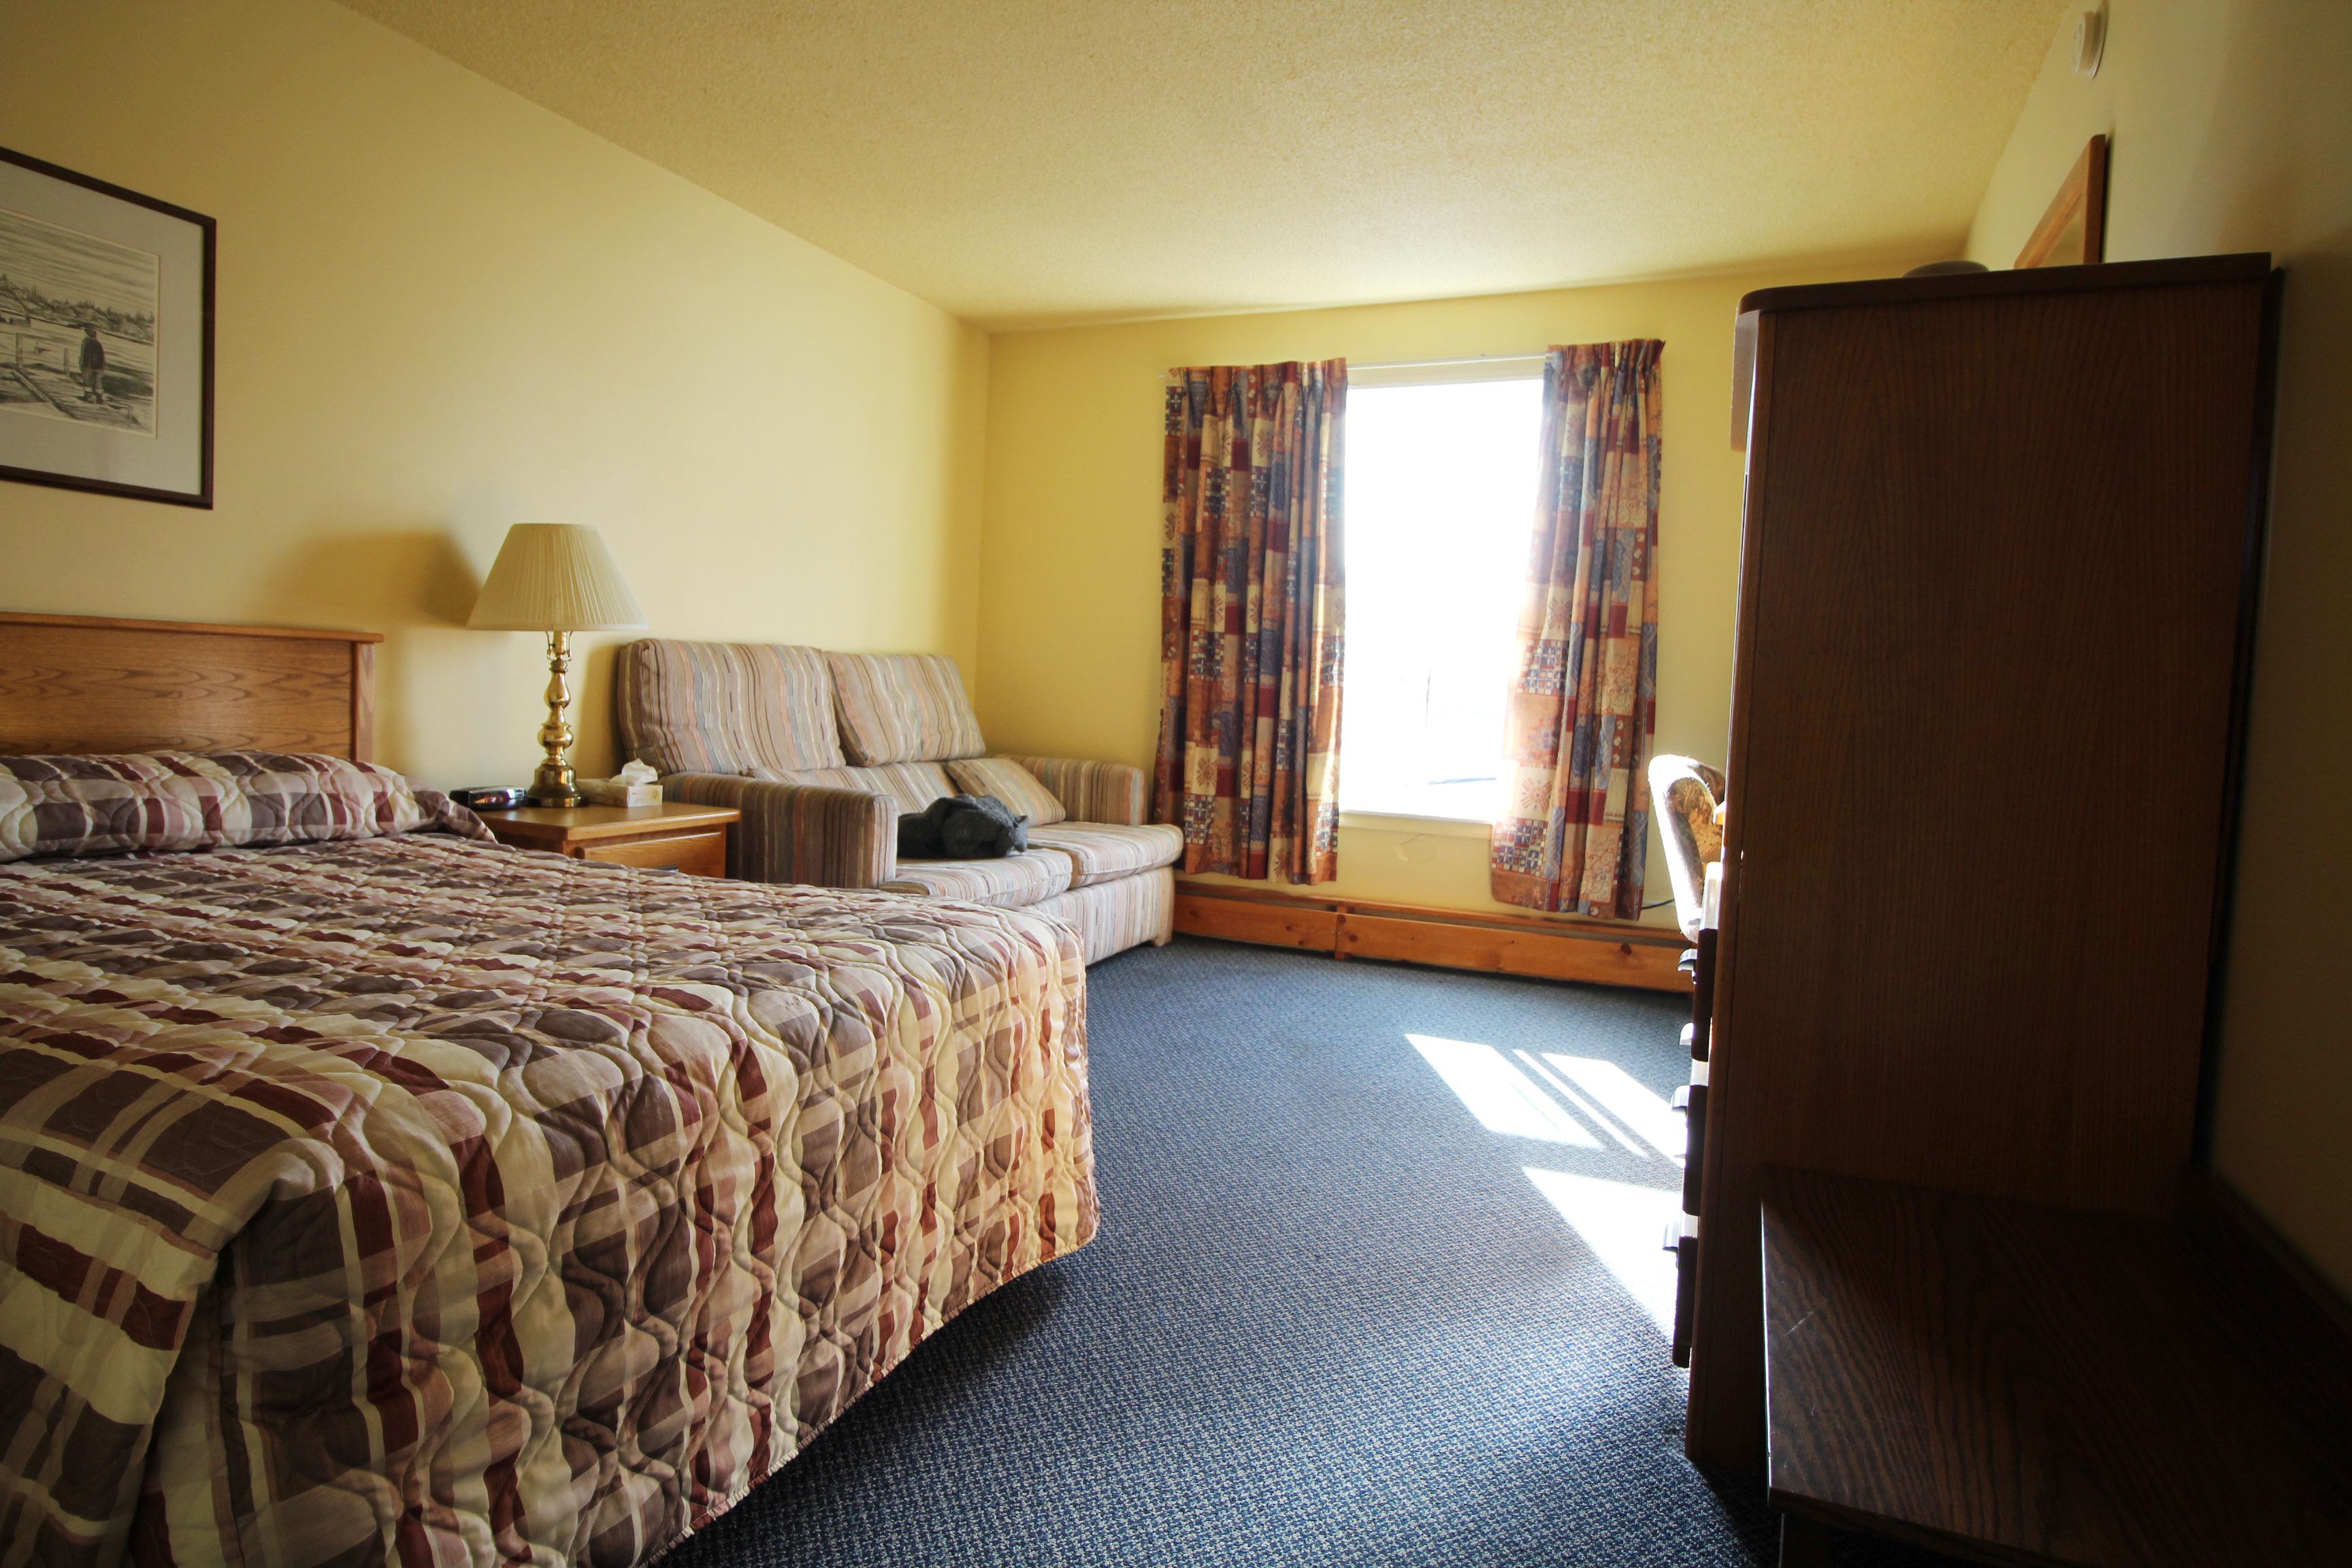 スタンダードクラスホテル一例